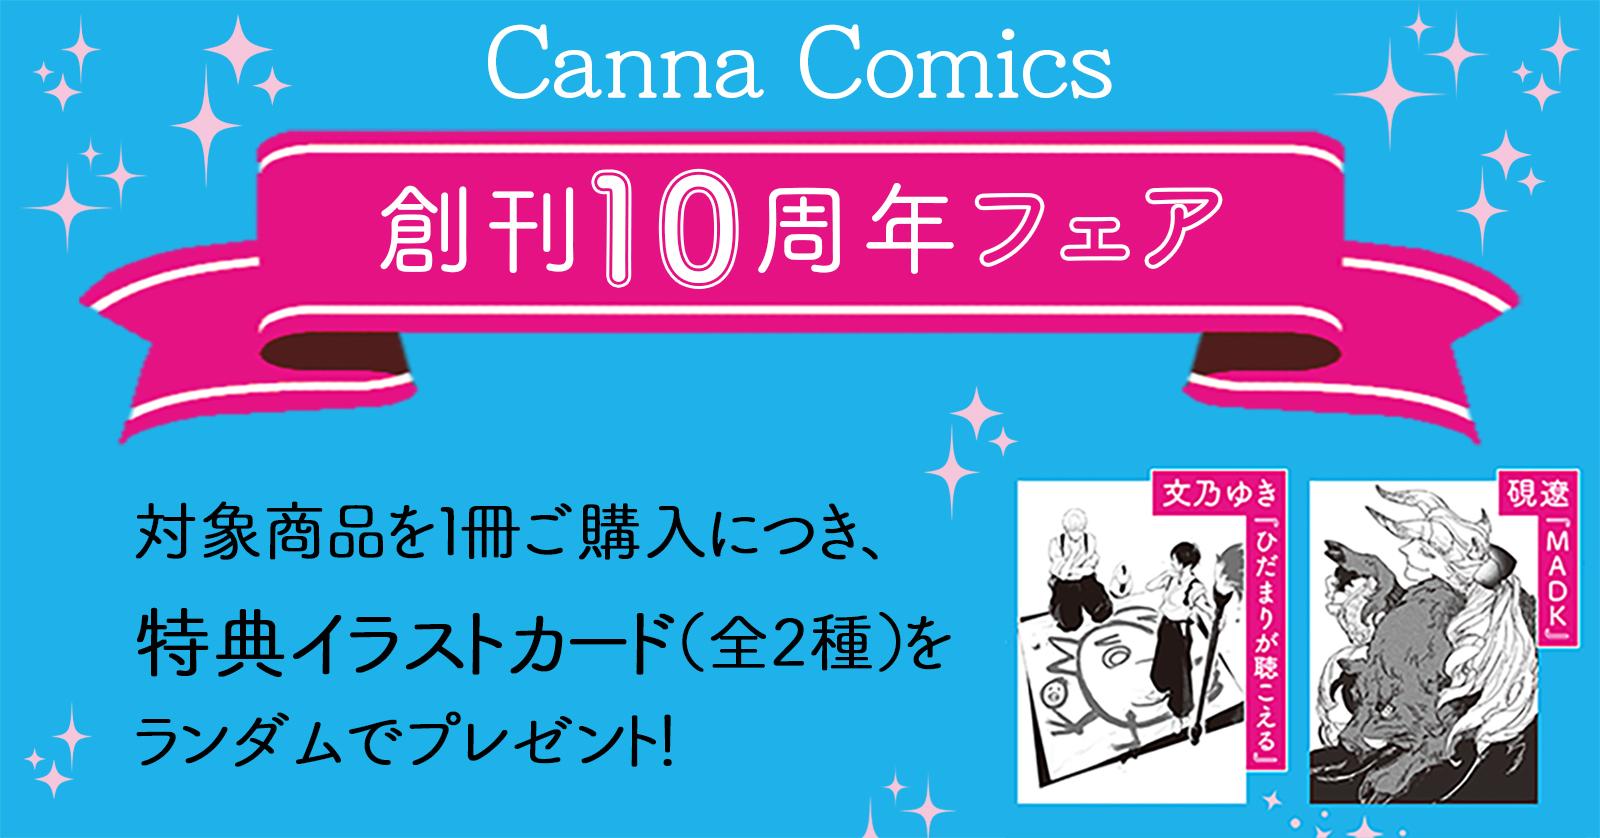 Canna Comics 創刊10周年フェア